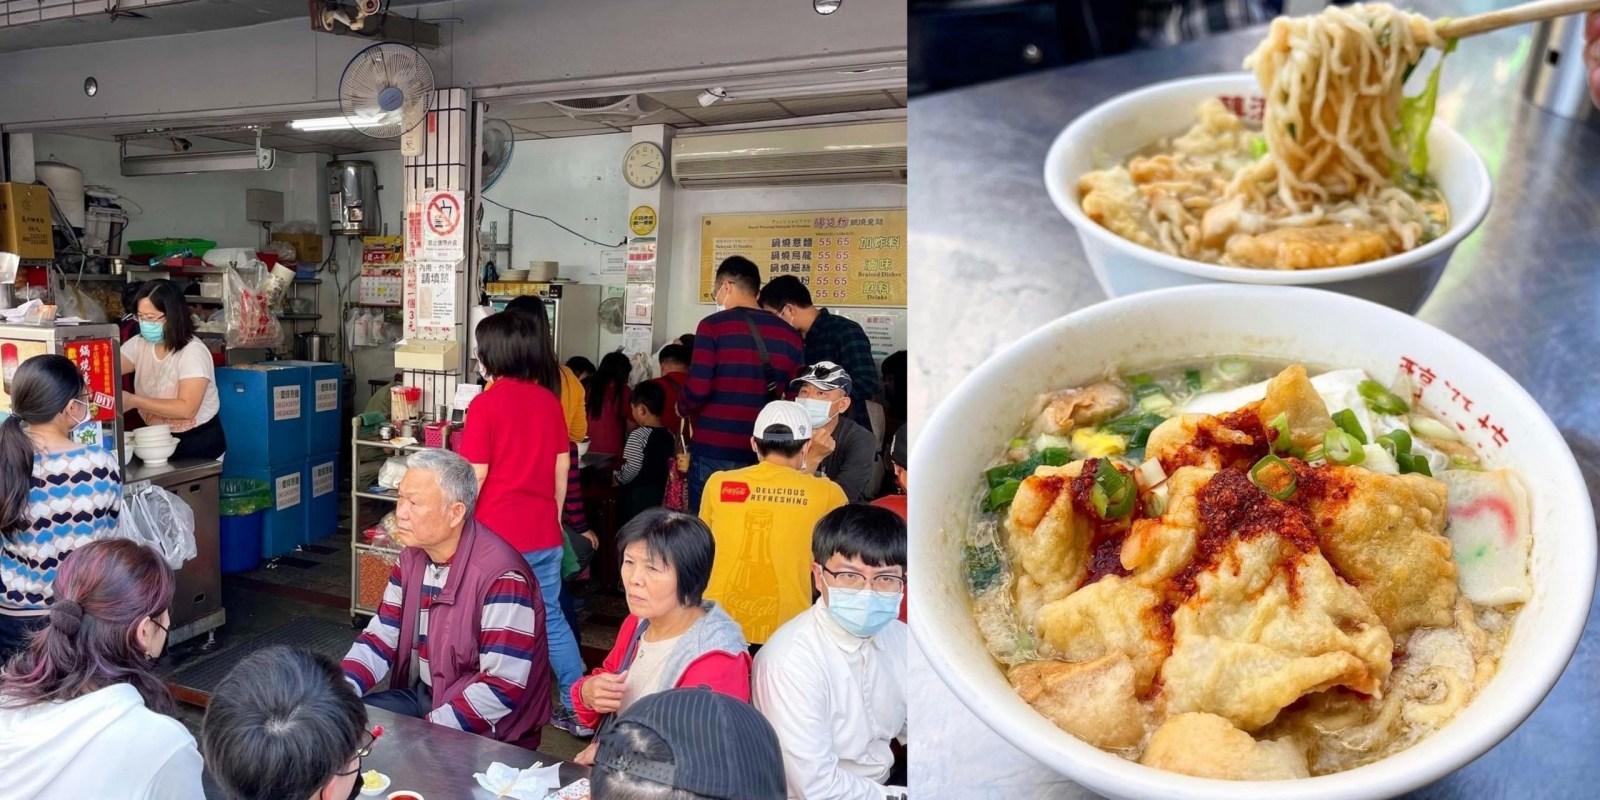 [台南美食] 醇涎坊鍋燒意麵 - 超古早味鍋燒意麵每次都滿滿客人!